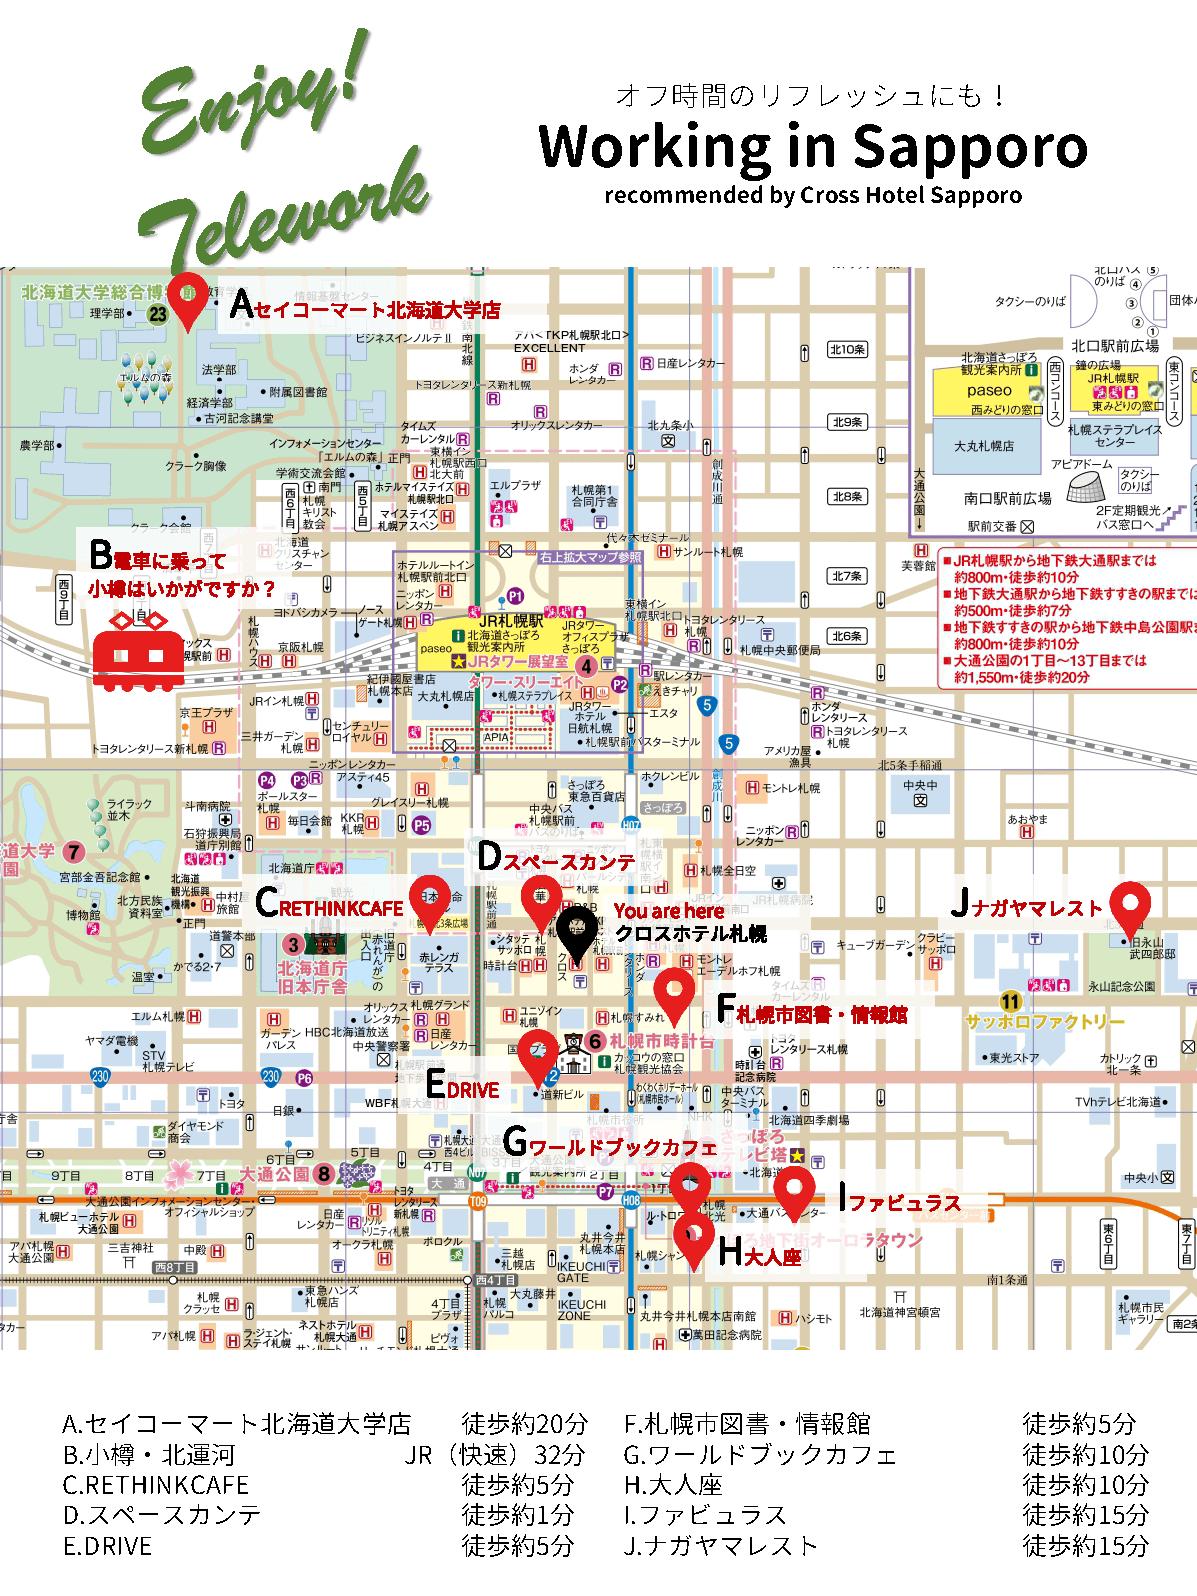 クロスホテル札幌『48H(時間)ステイプラン』ワーキングスペースマップ(イメージ)